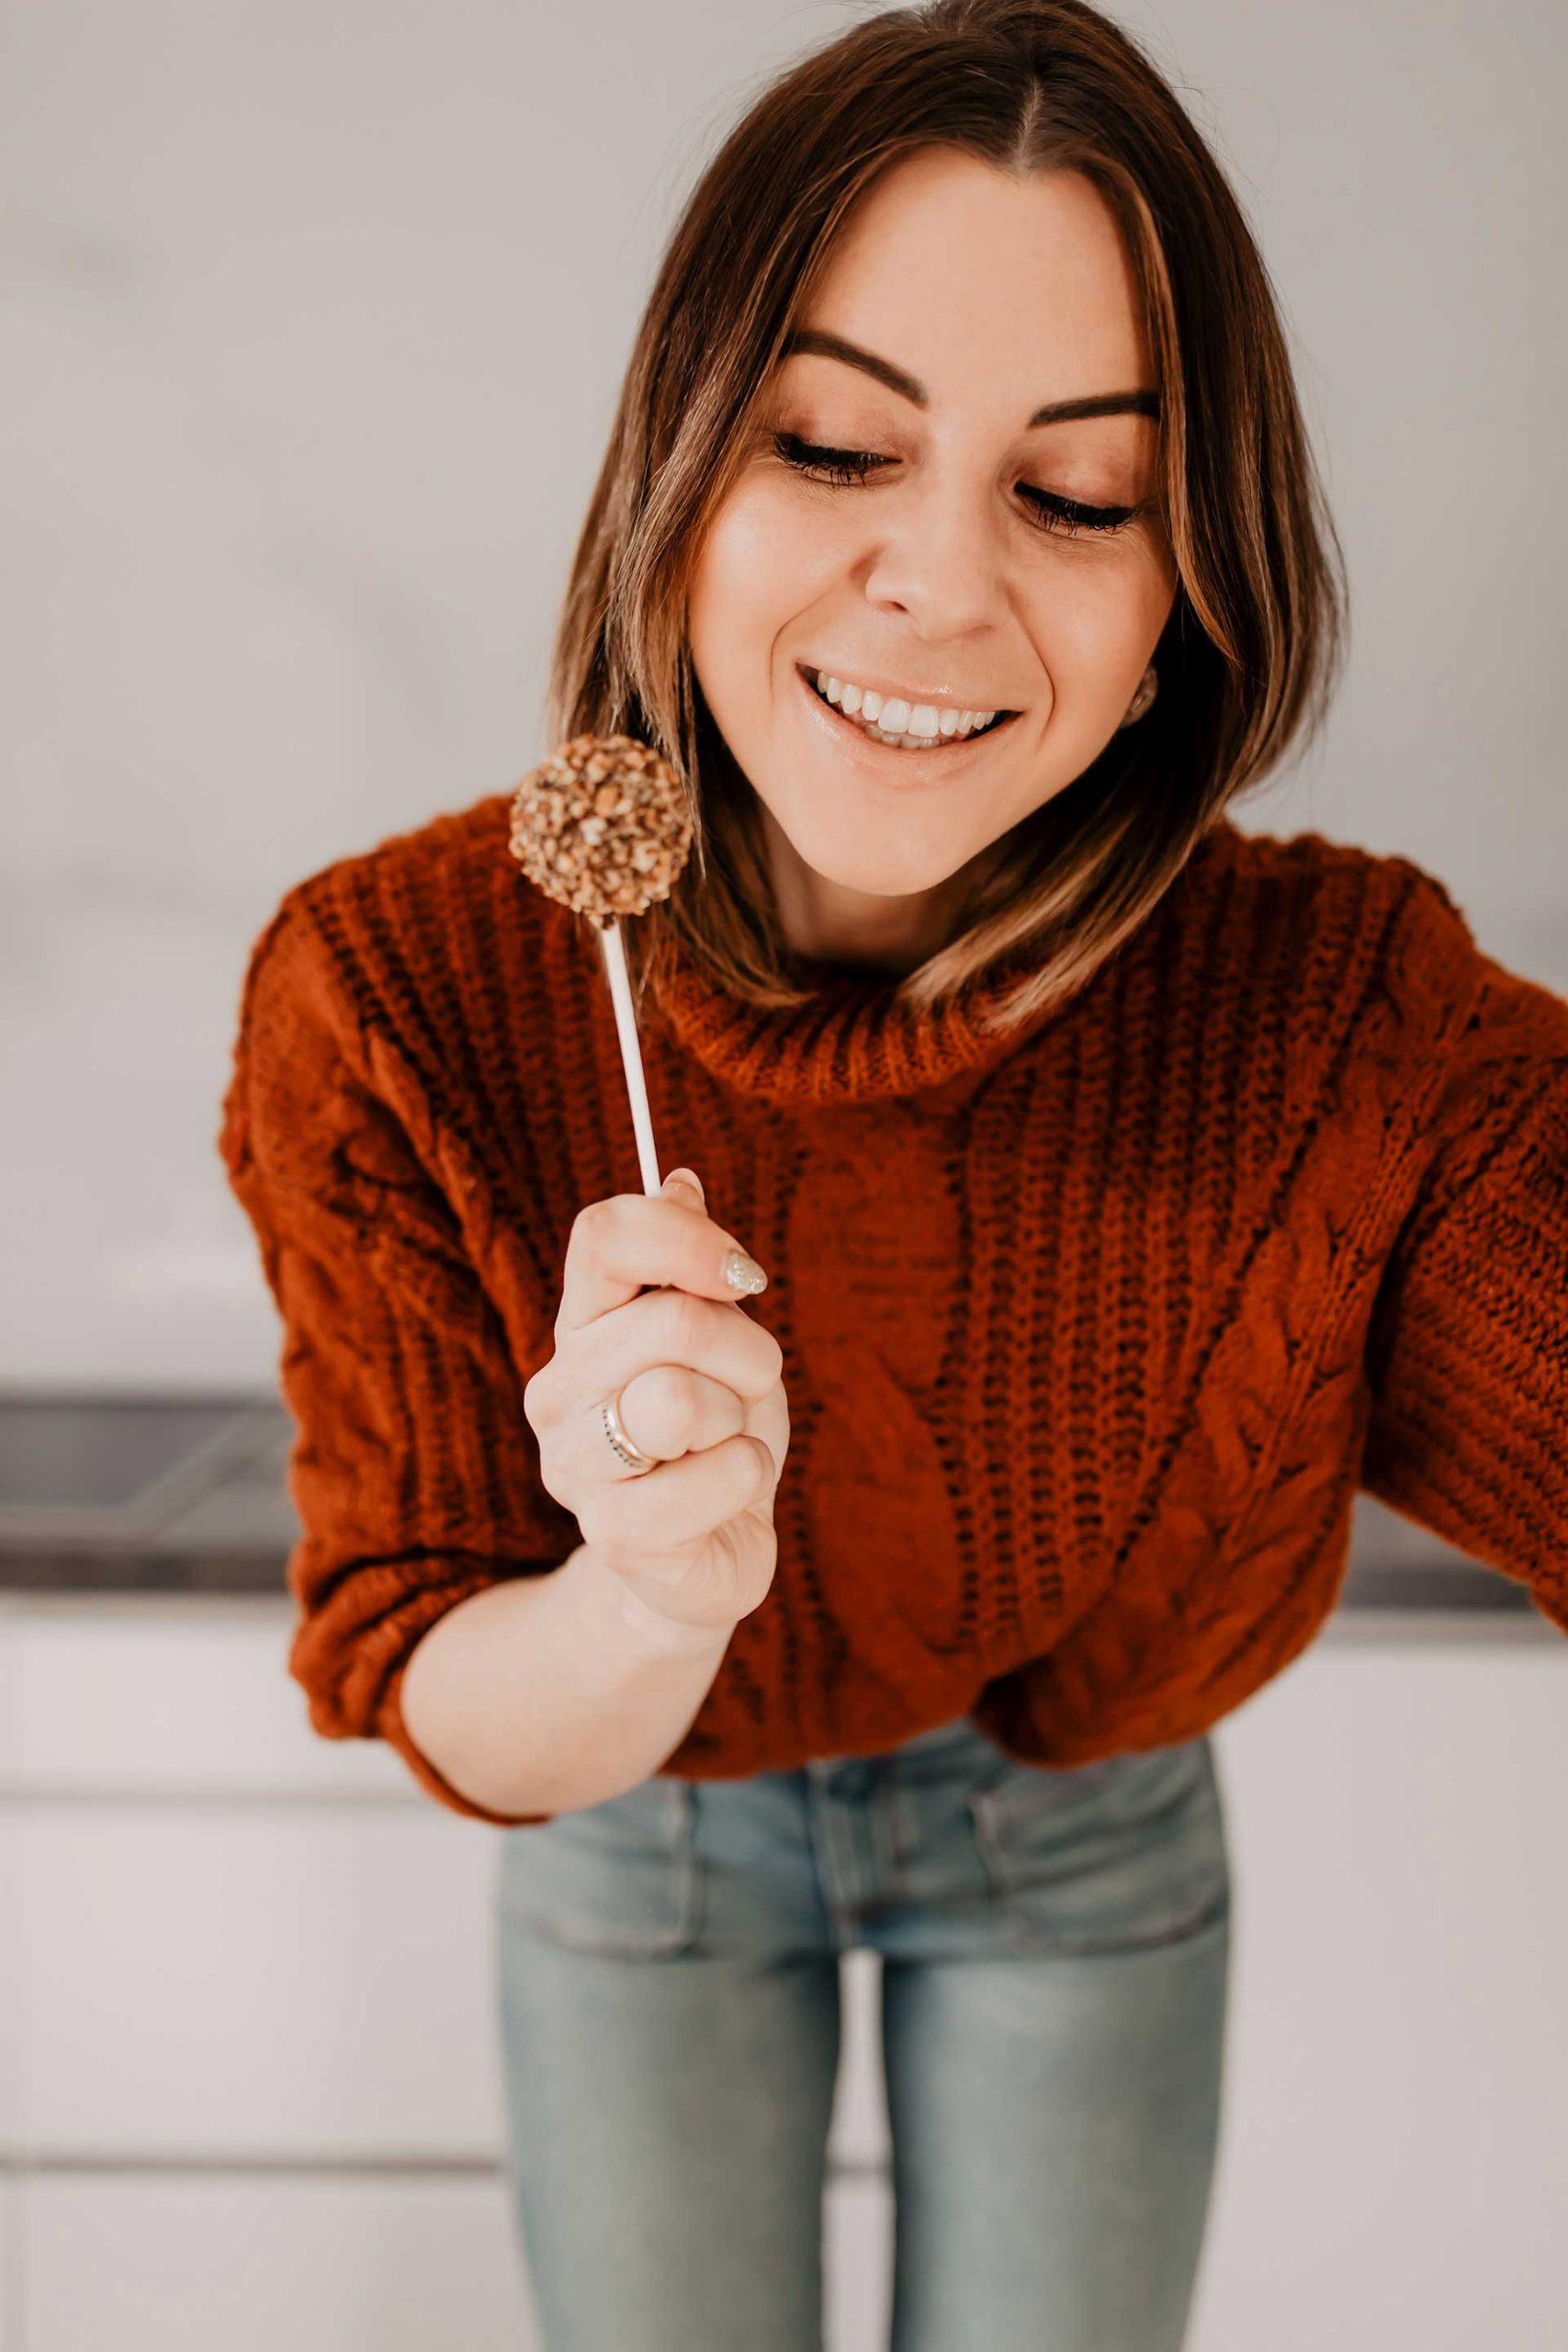 Anzeige. 3 einfache Silvester-Rezepte findest du heute am Foodblog. Ich zeige dir, wie schnell man Schoko-Cake-Pops selber machen kann und wie dir leckere Glückskekse gelingen. Den Silvester-Spritzer musst du auch unbedingt ausprobieren! www.whoismocca.com #silvester #rezepte #cakepops #glückskekse #silvesterspritzer